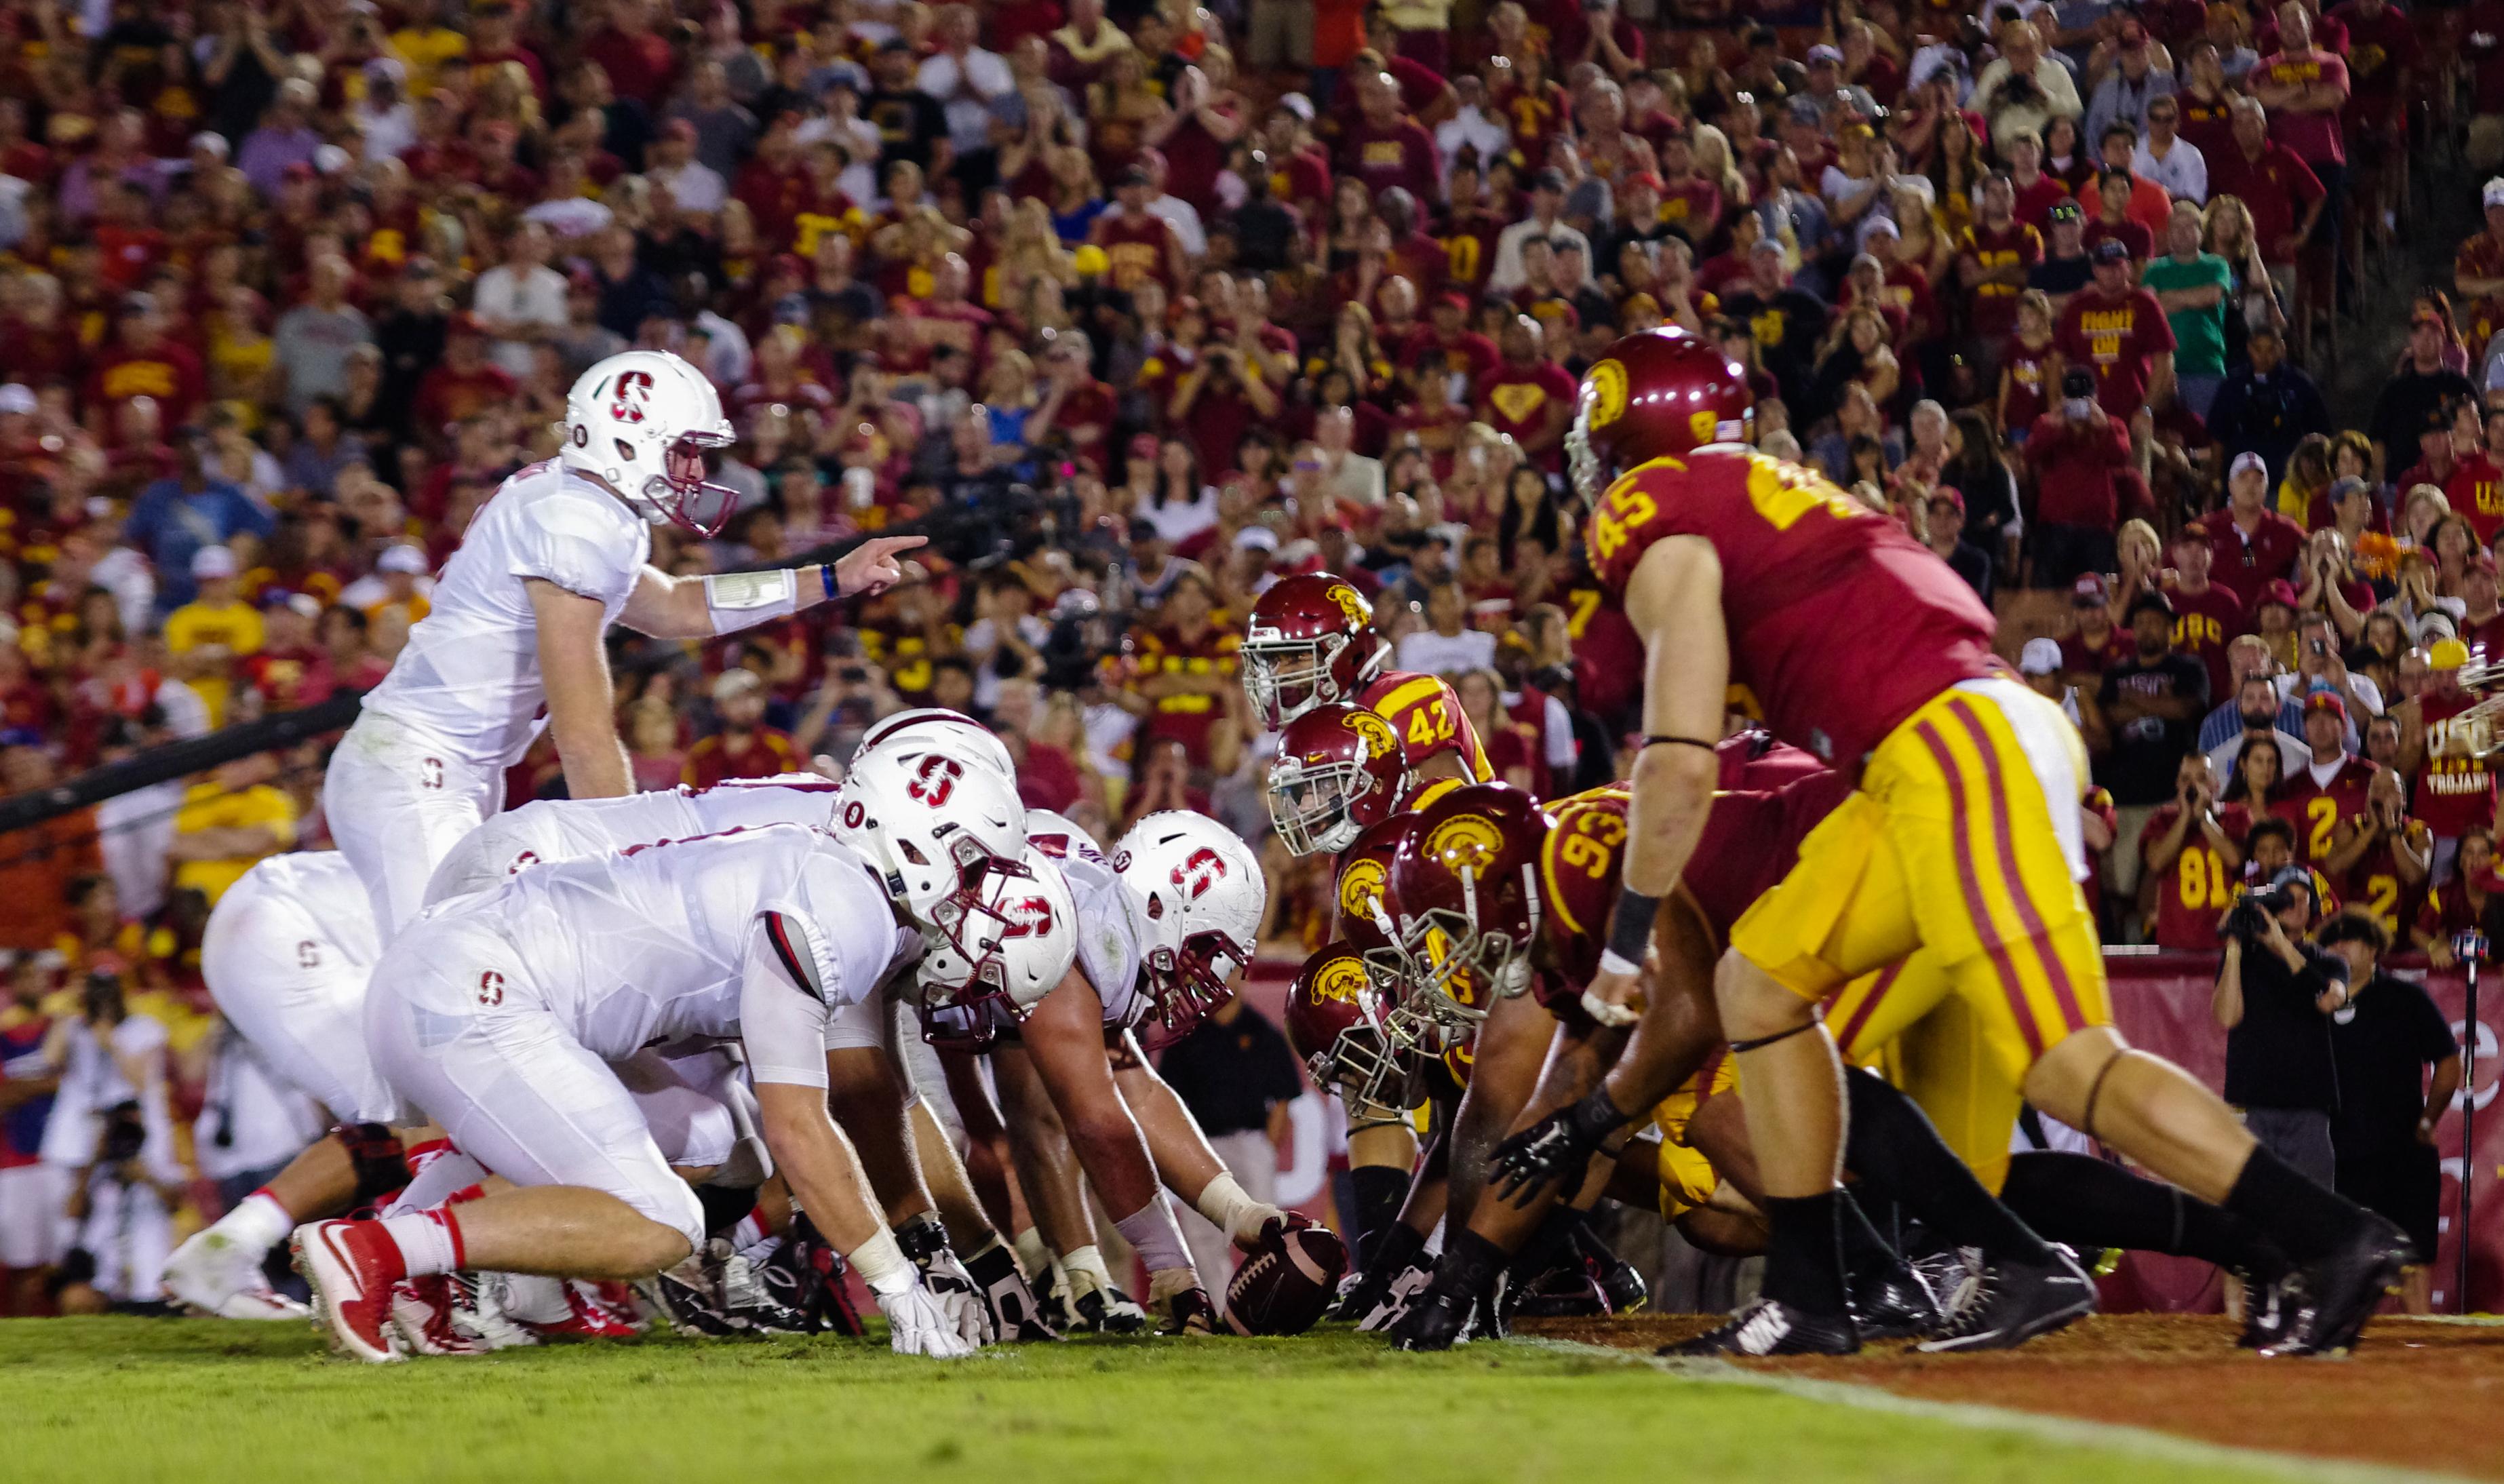 USC Sept. 19, 2016